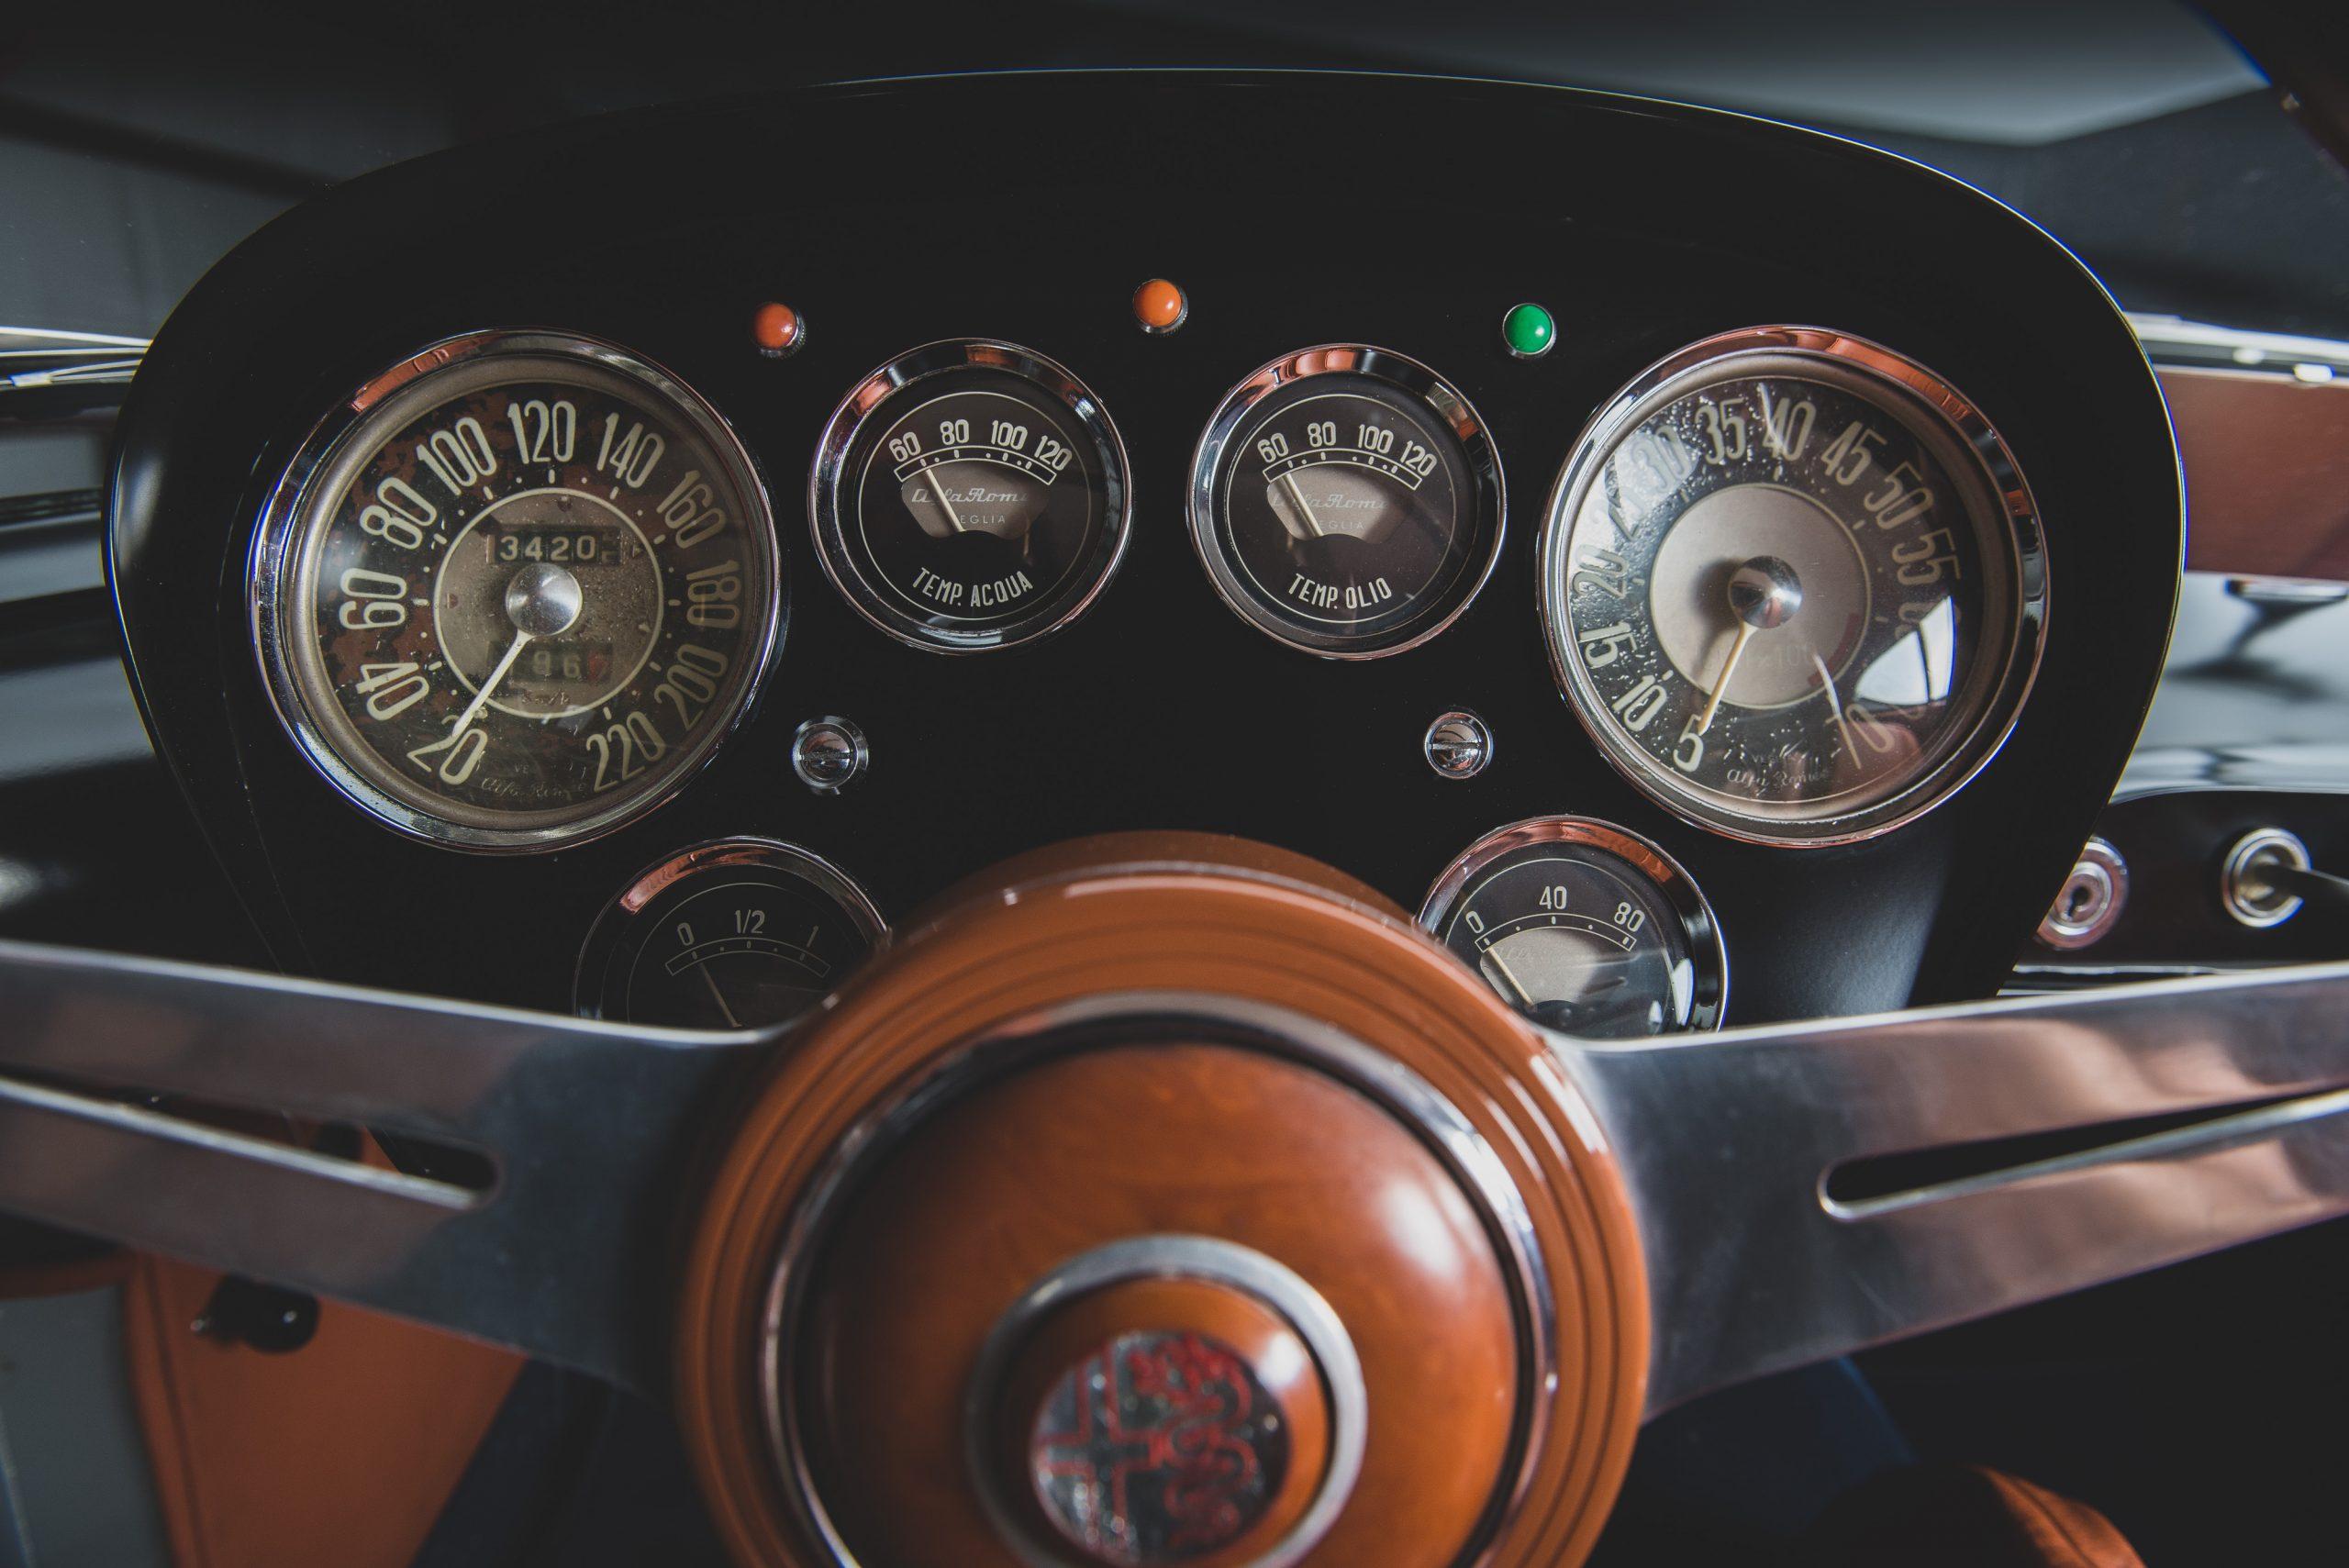 Alfa Romeo Berlina Aerodinamica Tecnica dash gauges